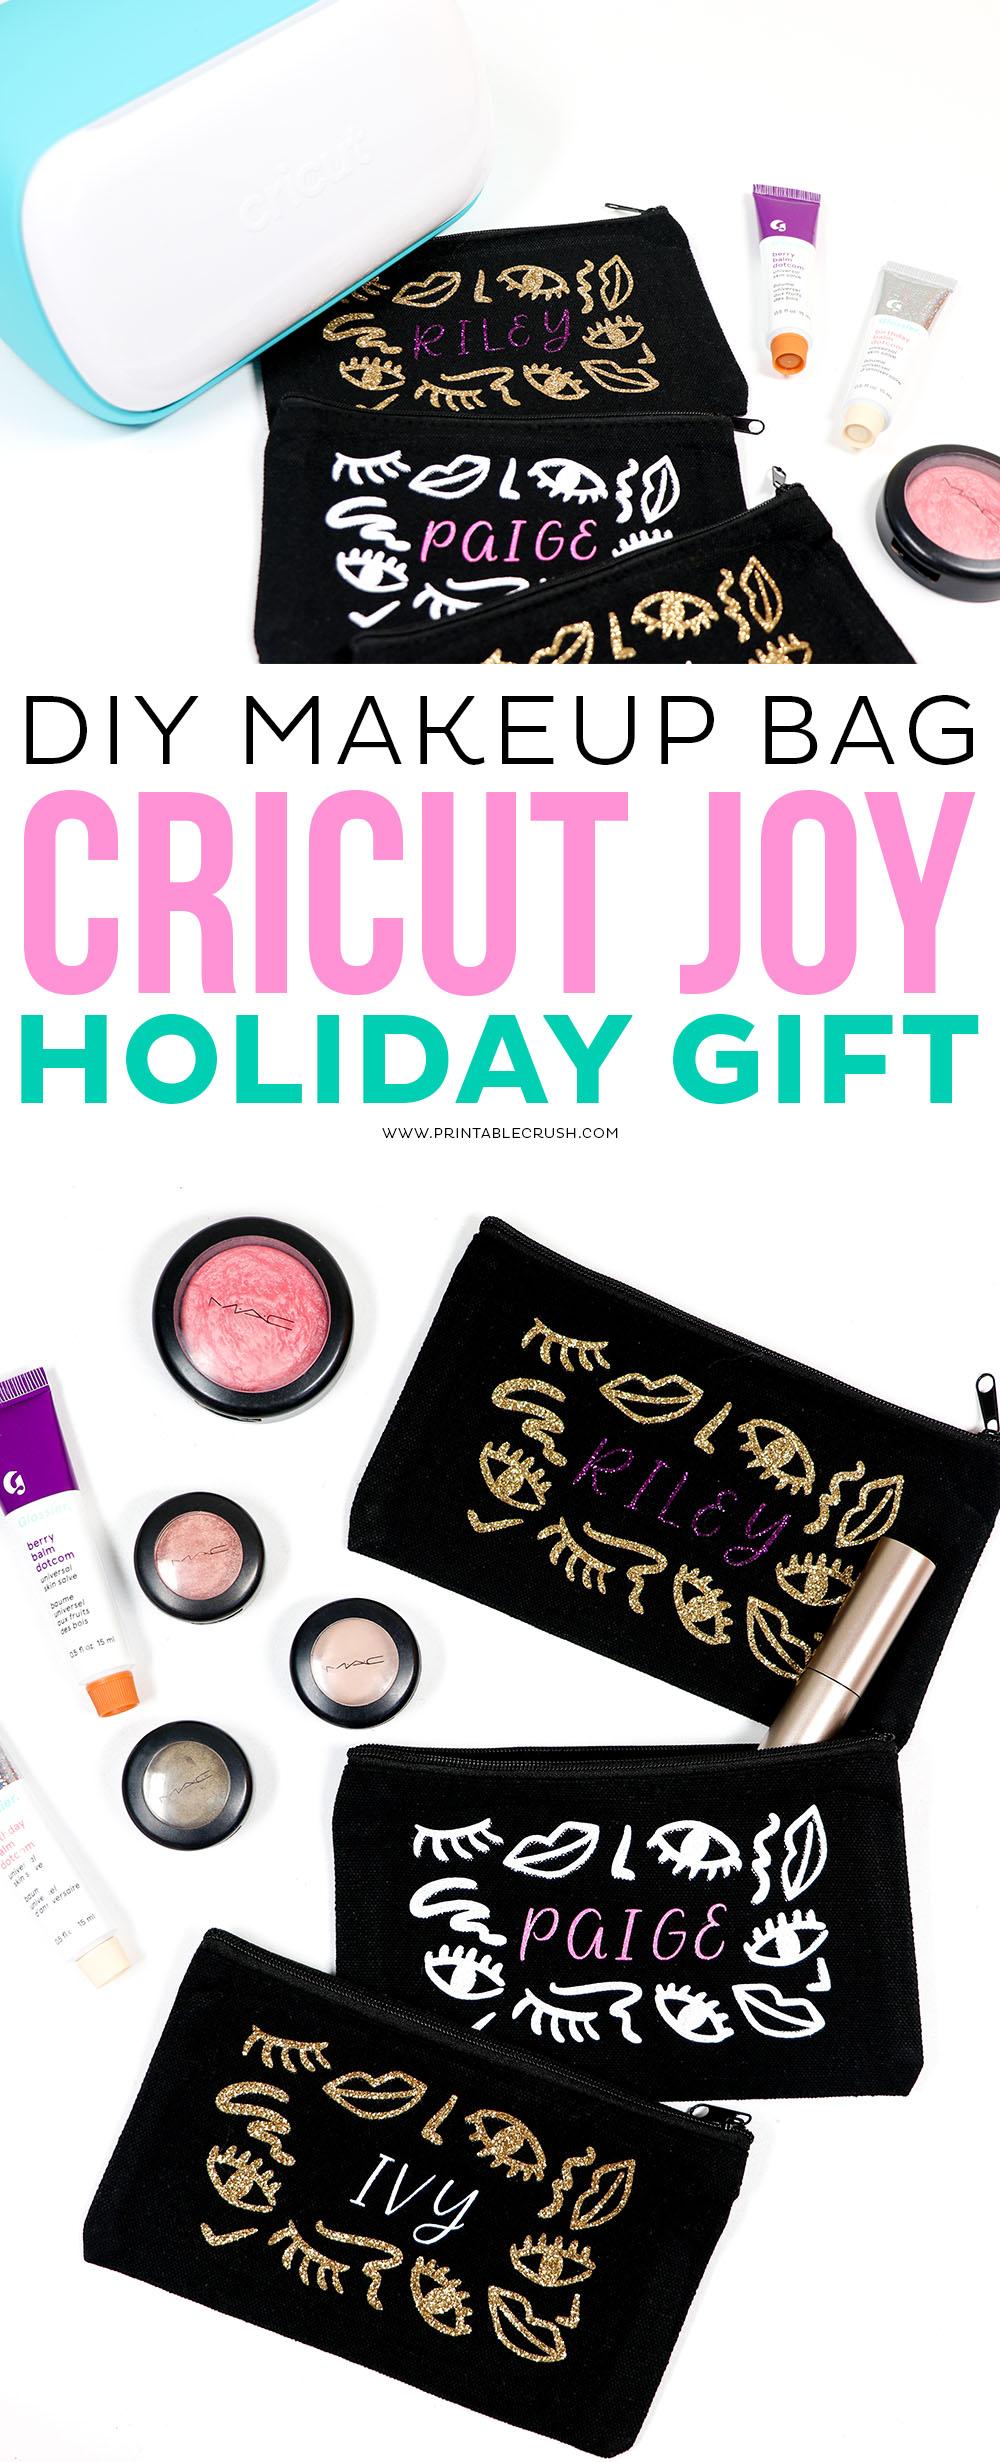 DIY Makeup Bag - Cricut Joy Holiday Gift - DIY Cricut Gift Idea - Cricut Holiday Gift Idea - Printable Crush #cricutjoy #cricut #cricuttutorials #cricutmade #cricutcreated #holidaygiftideas #christmasgiftideas via @printablecrush